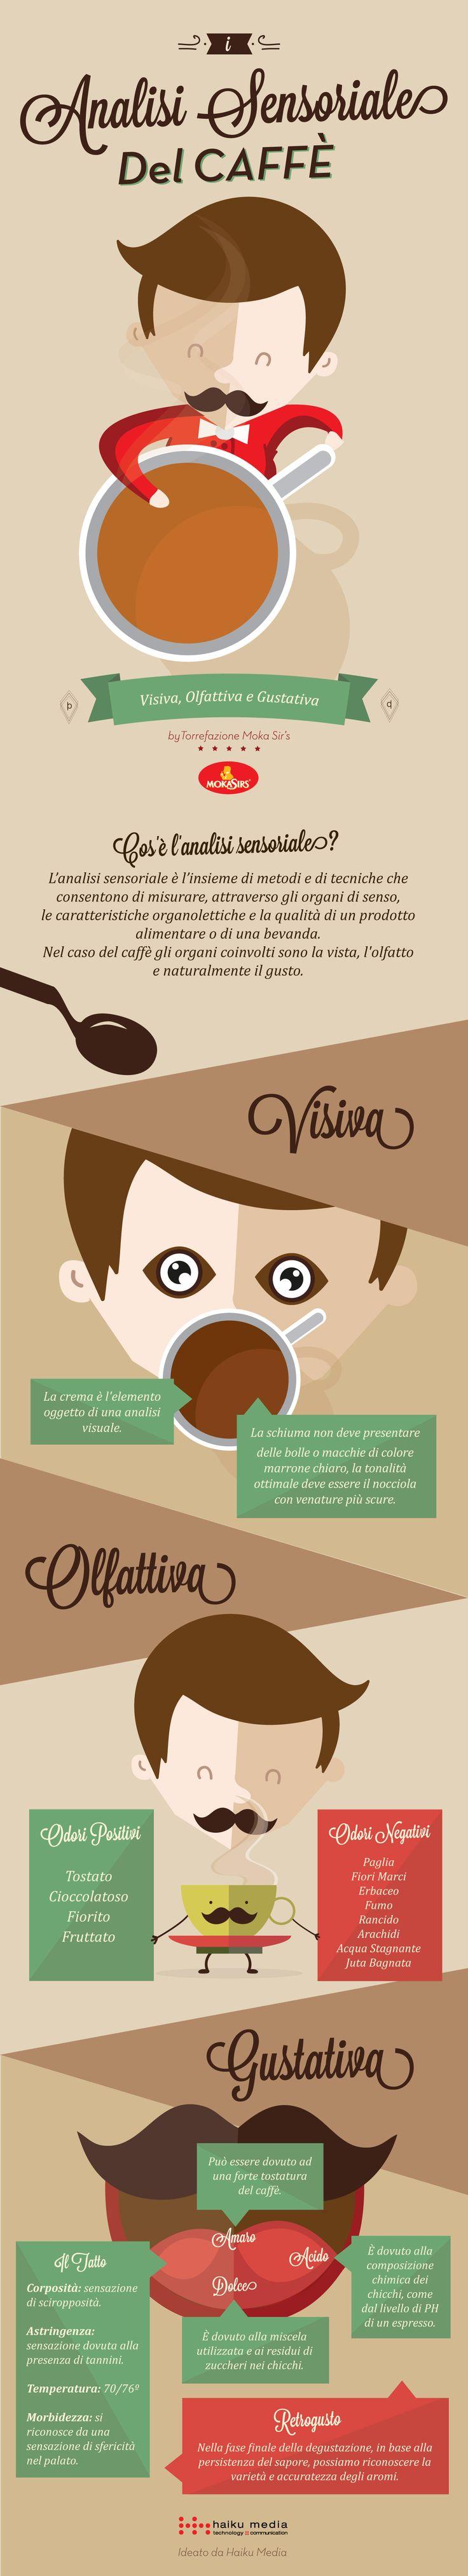 Analisi Sensoriale del Caffè